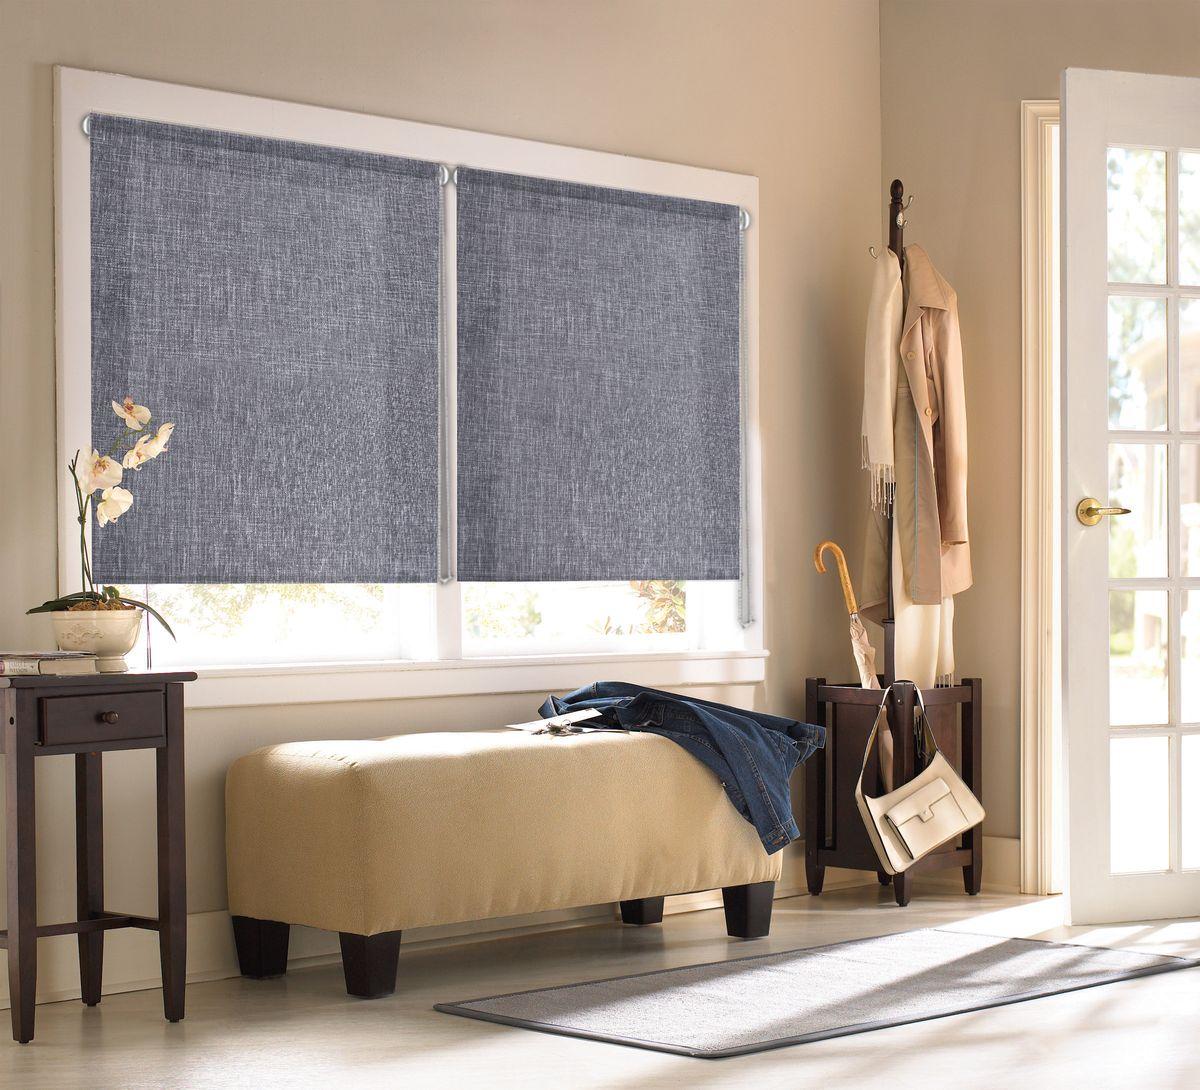 Штора рулонная Эскар Миниролло. Меланж, цвет: серый, ширина 52 см, высота 160 см304948052160Рулонными шторамиЭскар Миниролло. Меланж можно оформлять окна как самостоятельно, так и использовать в комбинации с портьерами. Это поможет предотвратить выгорание дорогой ткани на солнце и соединит функционал рулонных с красотой навесных. Преимущества применения рулонных штор для пластиковых окон: - имеют прекрасный внешний вид: многообразие и фактурность материала изделия отлично смотрятся в любом интерьере;- многофункциональны: есть возможность подобрать шторы способные эффективно защитить комнату от солнца, при этом она не будет слишком темной;- есть возможность осуществить быстрый монтаж.ВНИМАНИЕ! Размеры ширины изделия указаны по ширине ткани! Во время эксплуатации не рекомендуется полностью разматывать рулон, чтобы не оторвать ткань от намоточного вала. В случае загрязнения поверхности ткани, чистку шторы проводят одним из способов, в зависимости от типа загрязнения:легкое поверхностное загрязнение можно удалить при помощи канцелярского ластика;чистка от пыли производится сухим методом при помощи пылесоса с мягкой щеткой-насадкой;для удаления пятна используйте мягкую губку с пенообразующим неагрессивным моющим средством или пятновыводитель на натуральной основе (нельзя применять растворители).